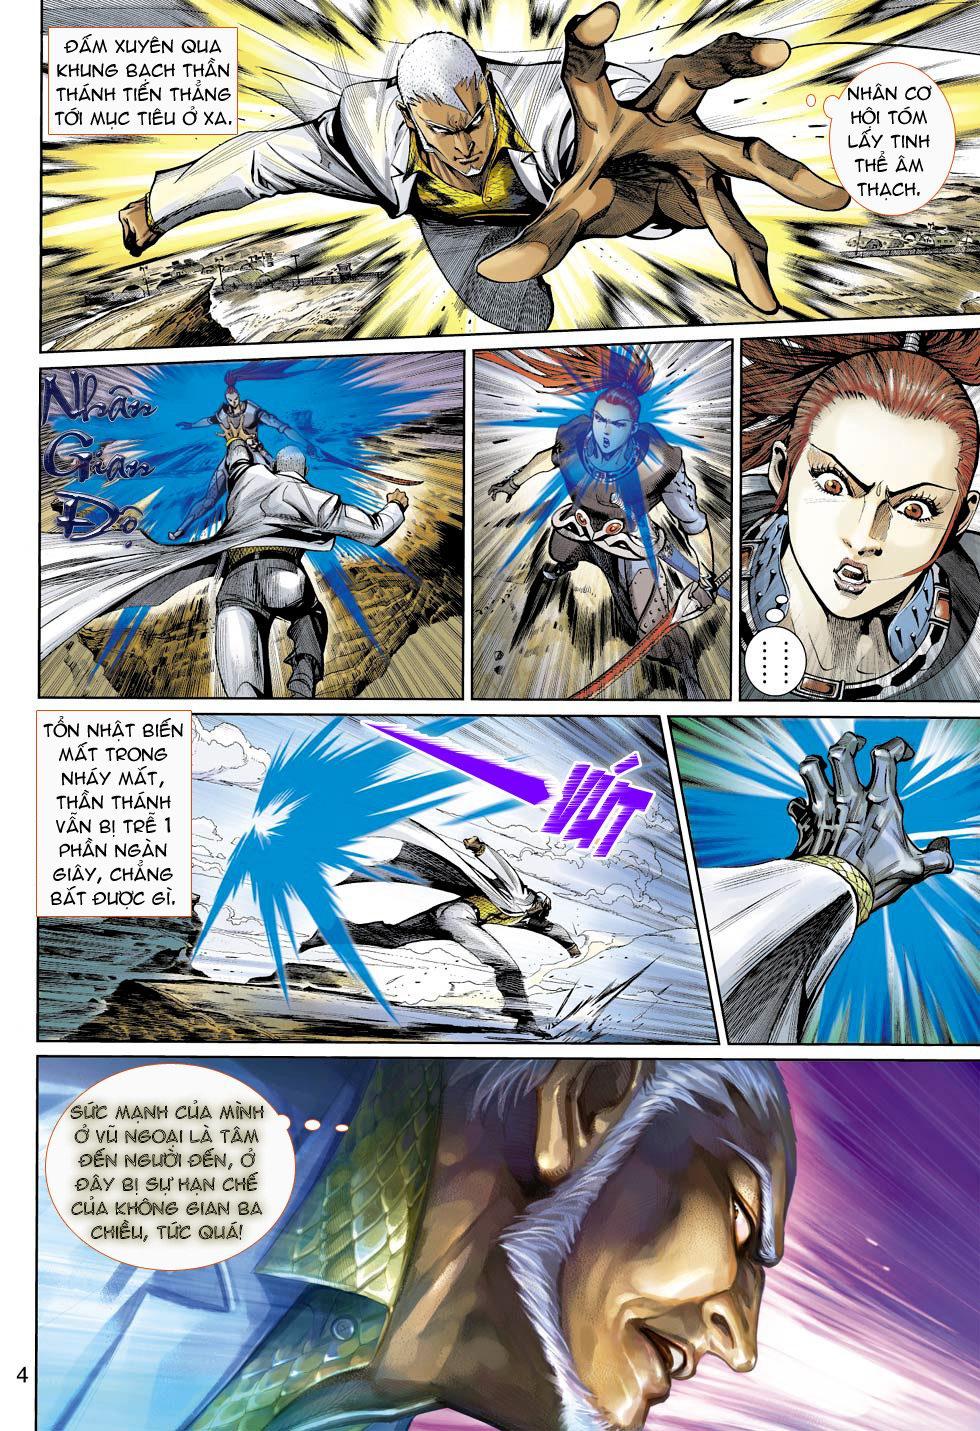 Thần Binh 4 chap 16 - Trang 4